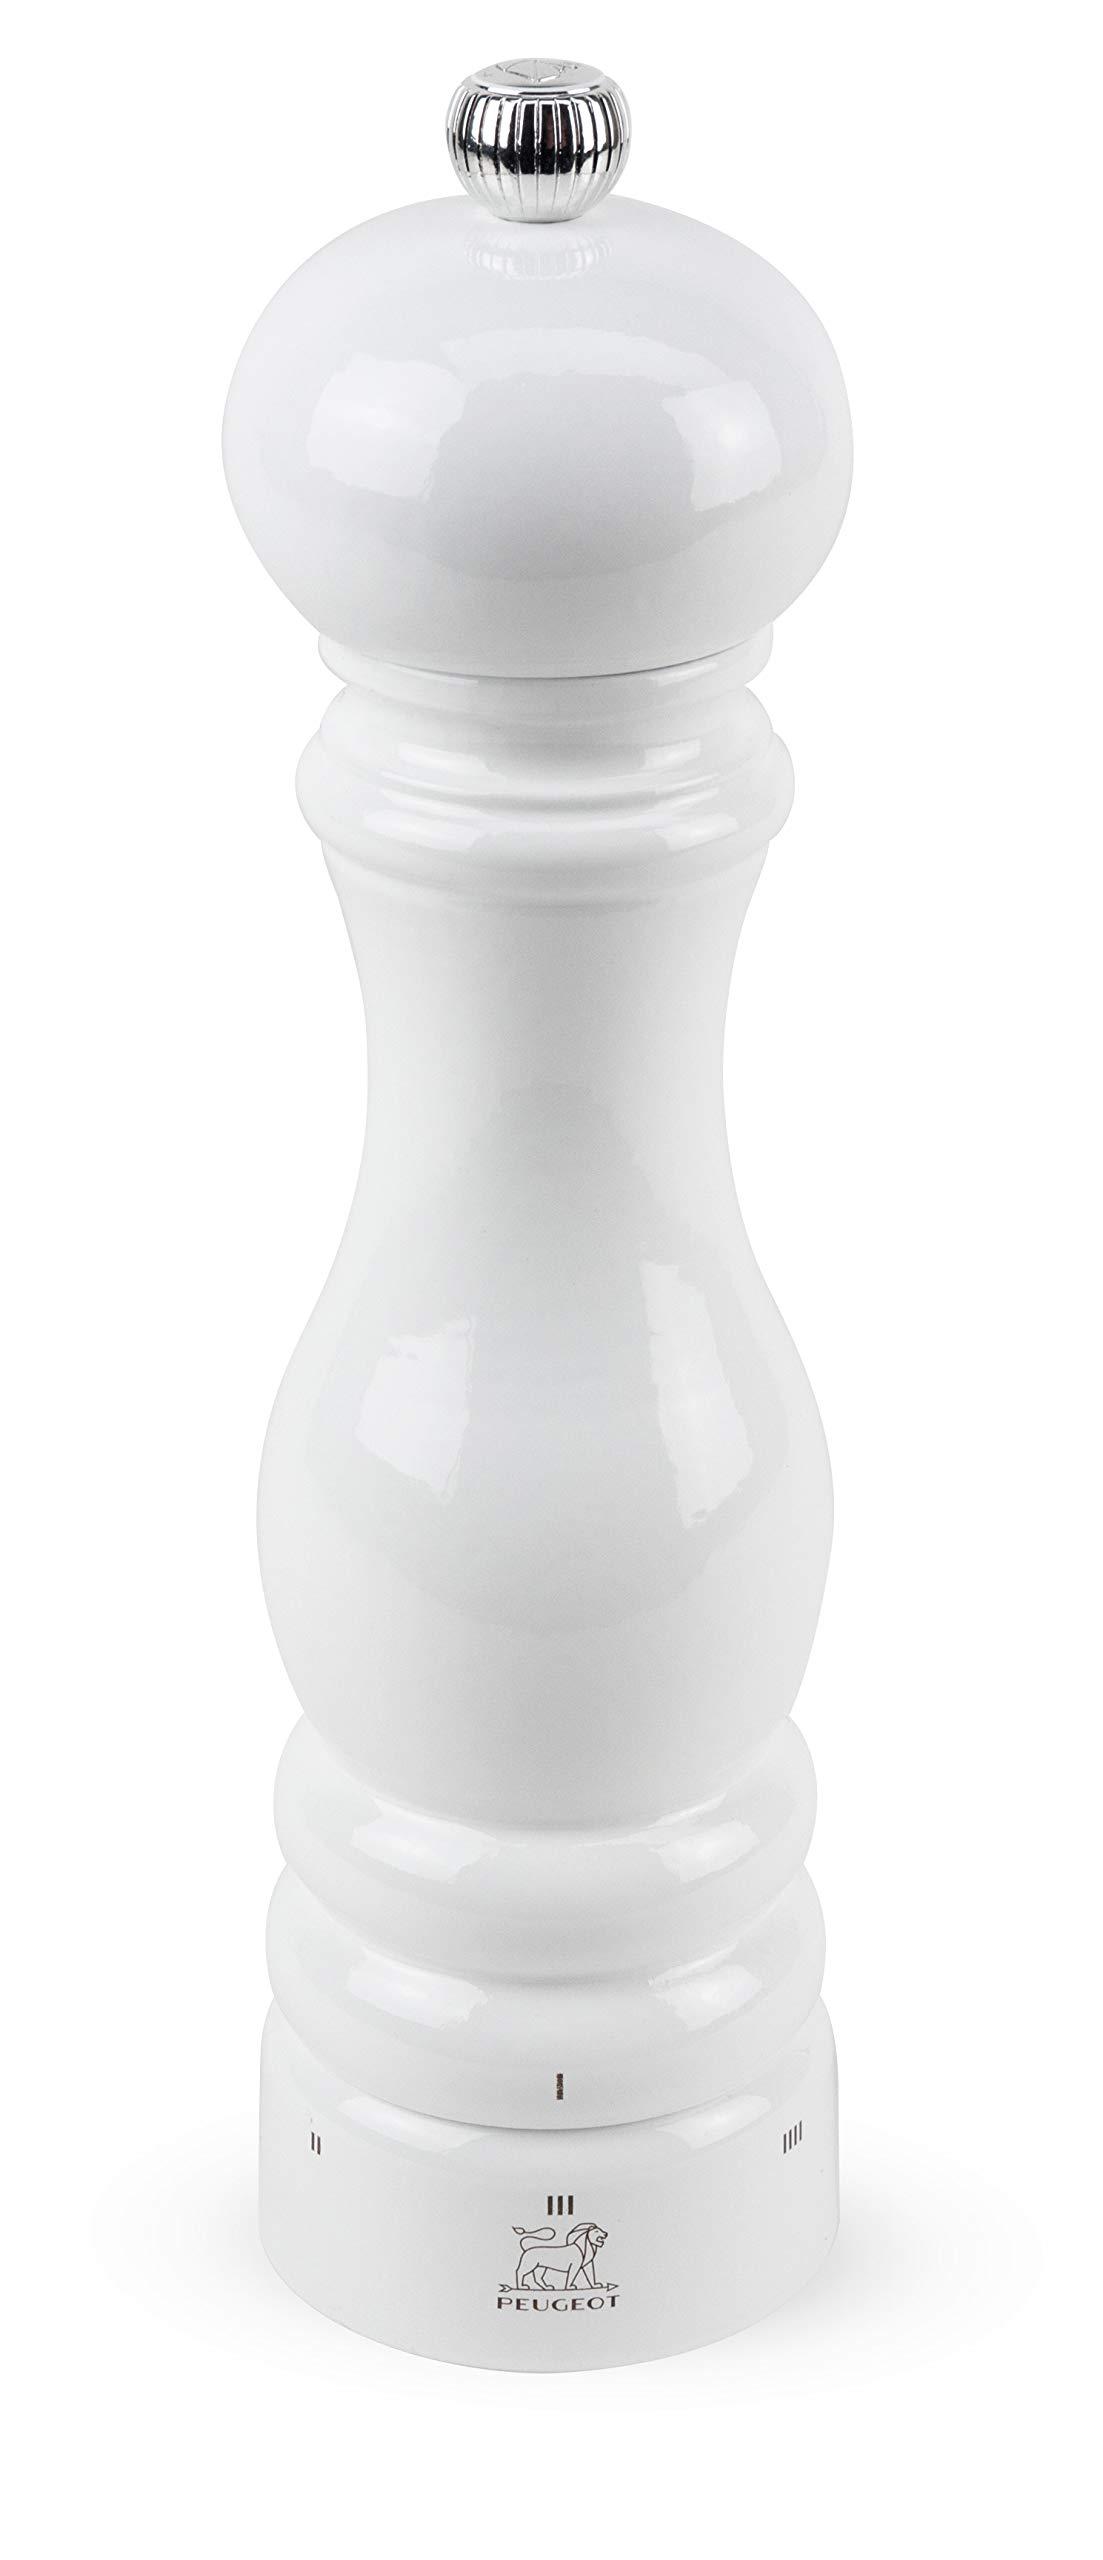 Peugeot Paris u'Select White Lacquer Pepper Mill 23cm/9'' by Peugeot